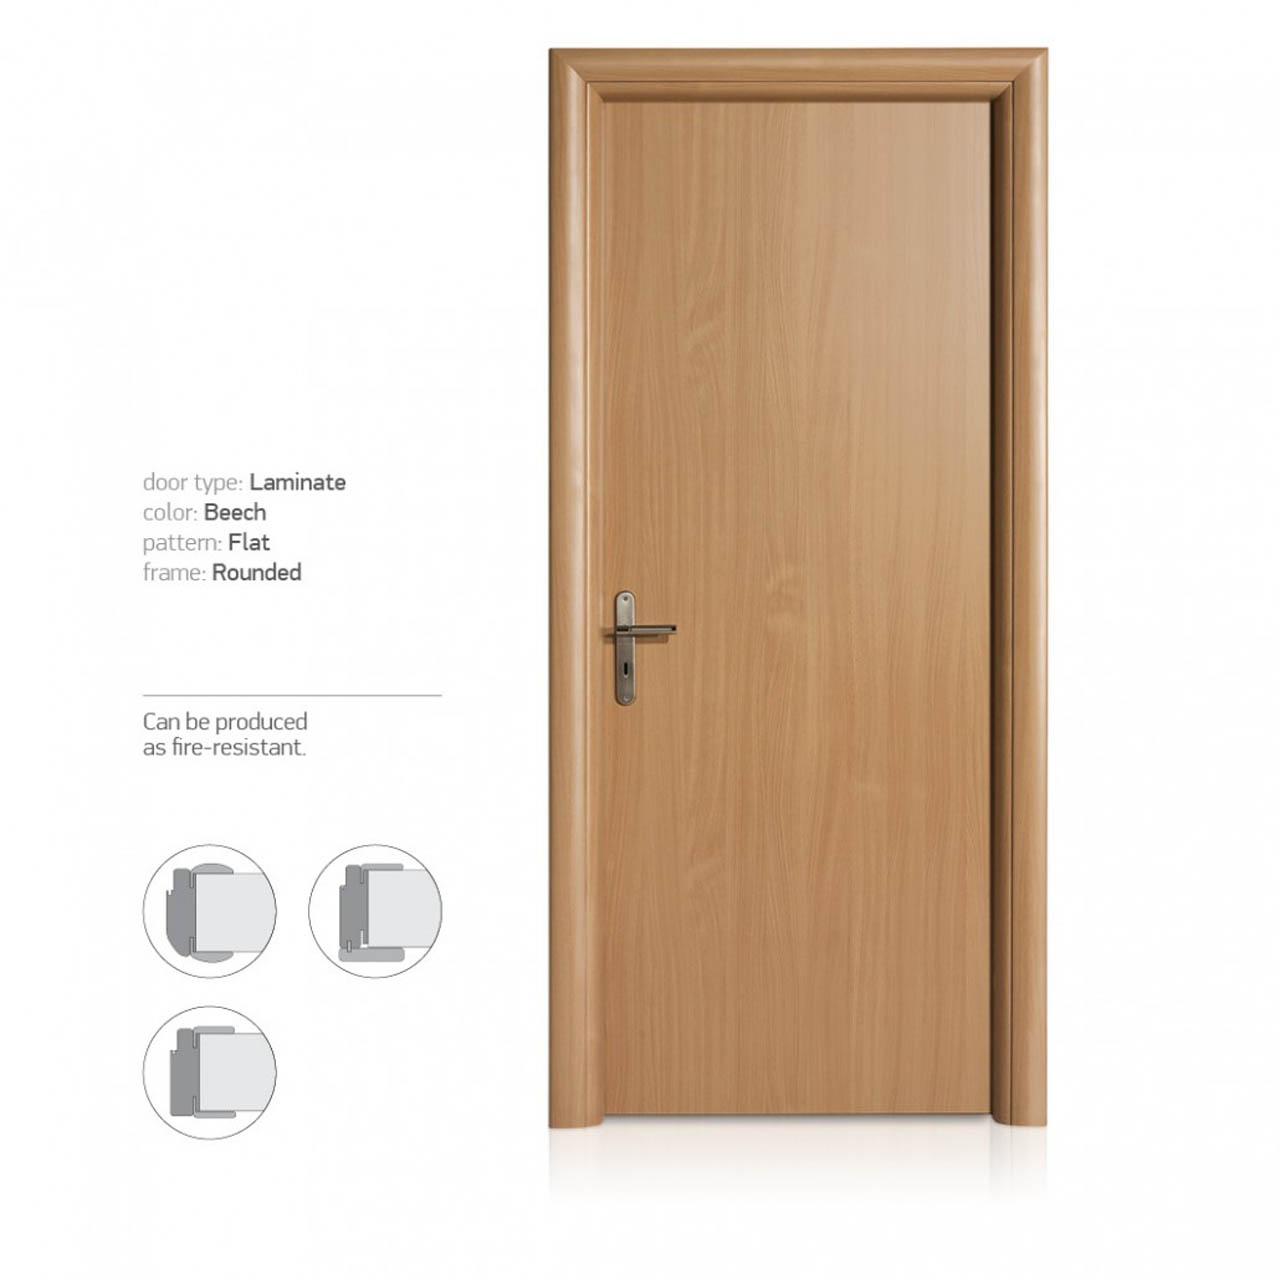 portes-site-laminate-eng6-1030x1030